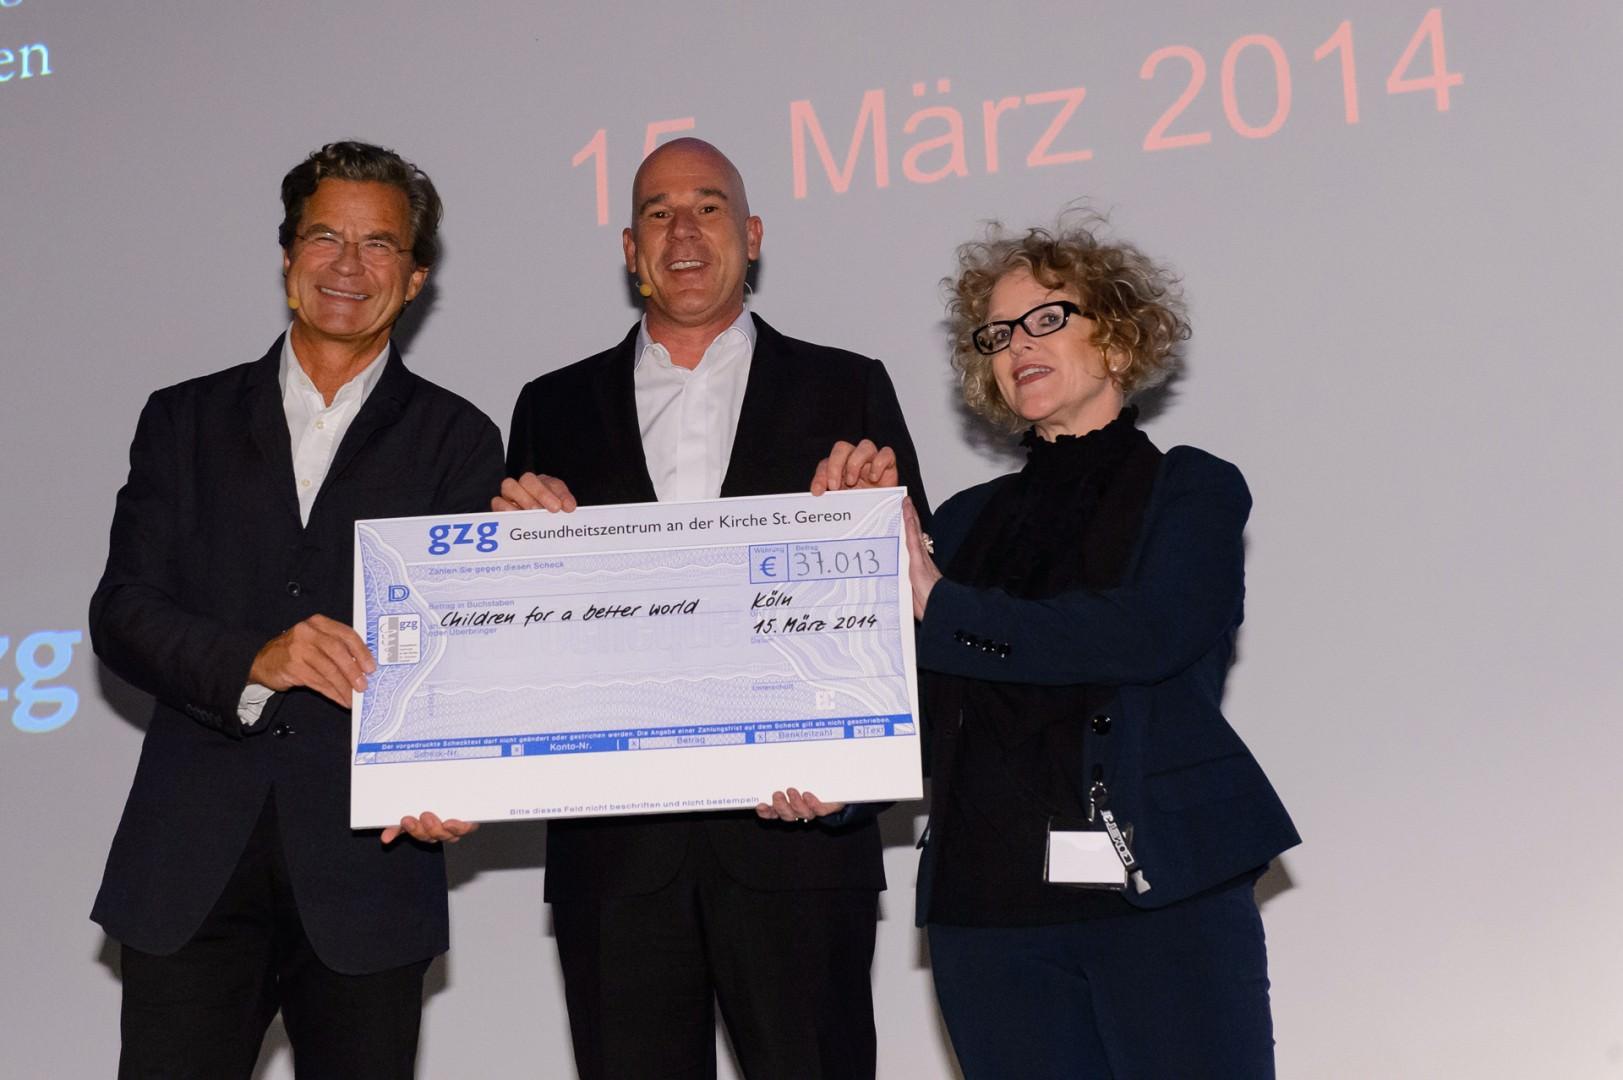 Überreichung eines Schecks in Höhe von über 30.000 Euro zugunsten Children for a better world auf dem Kongress